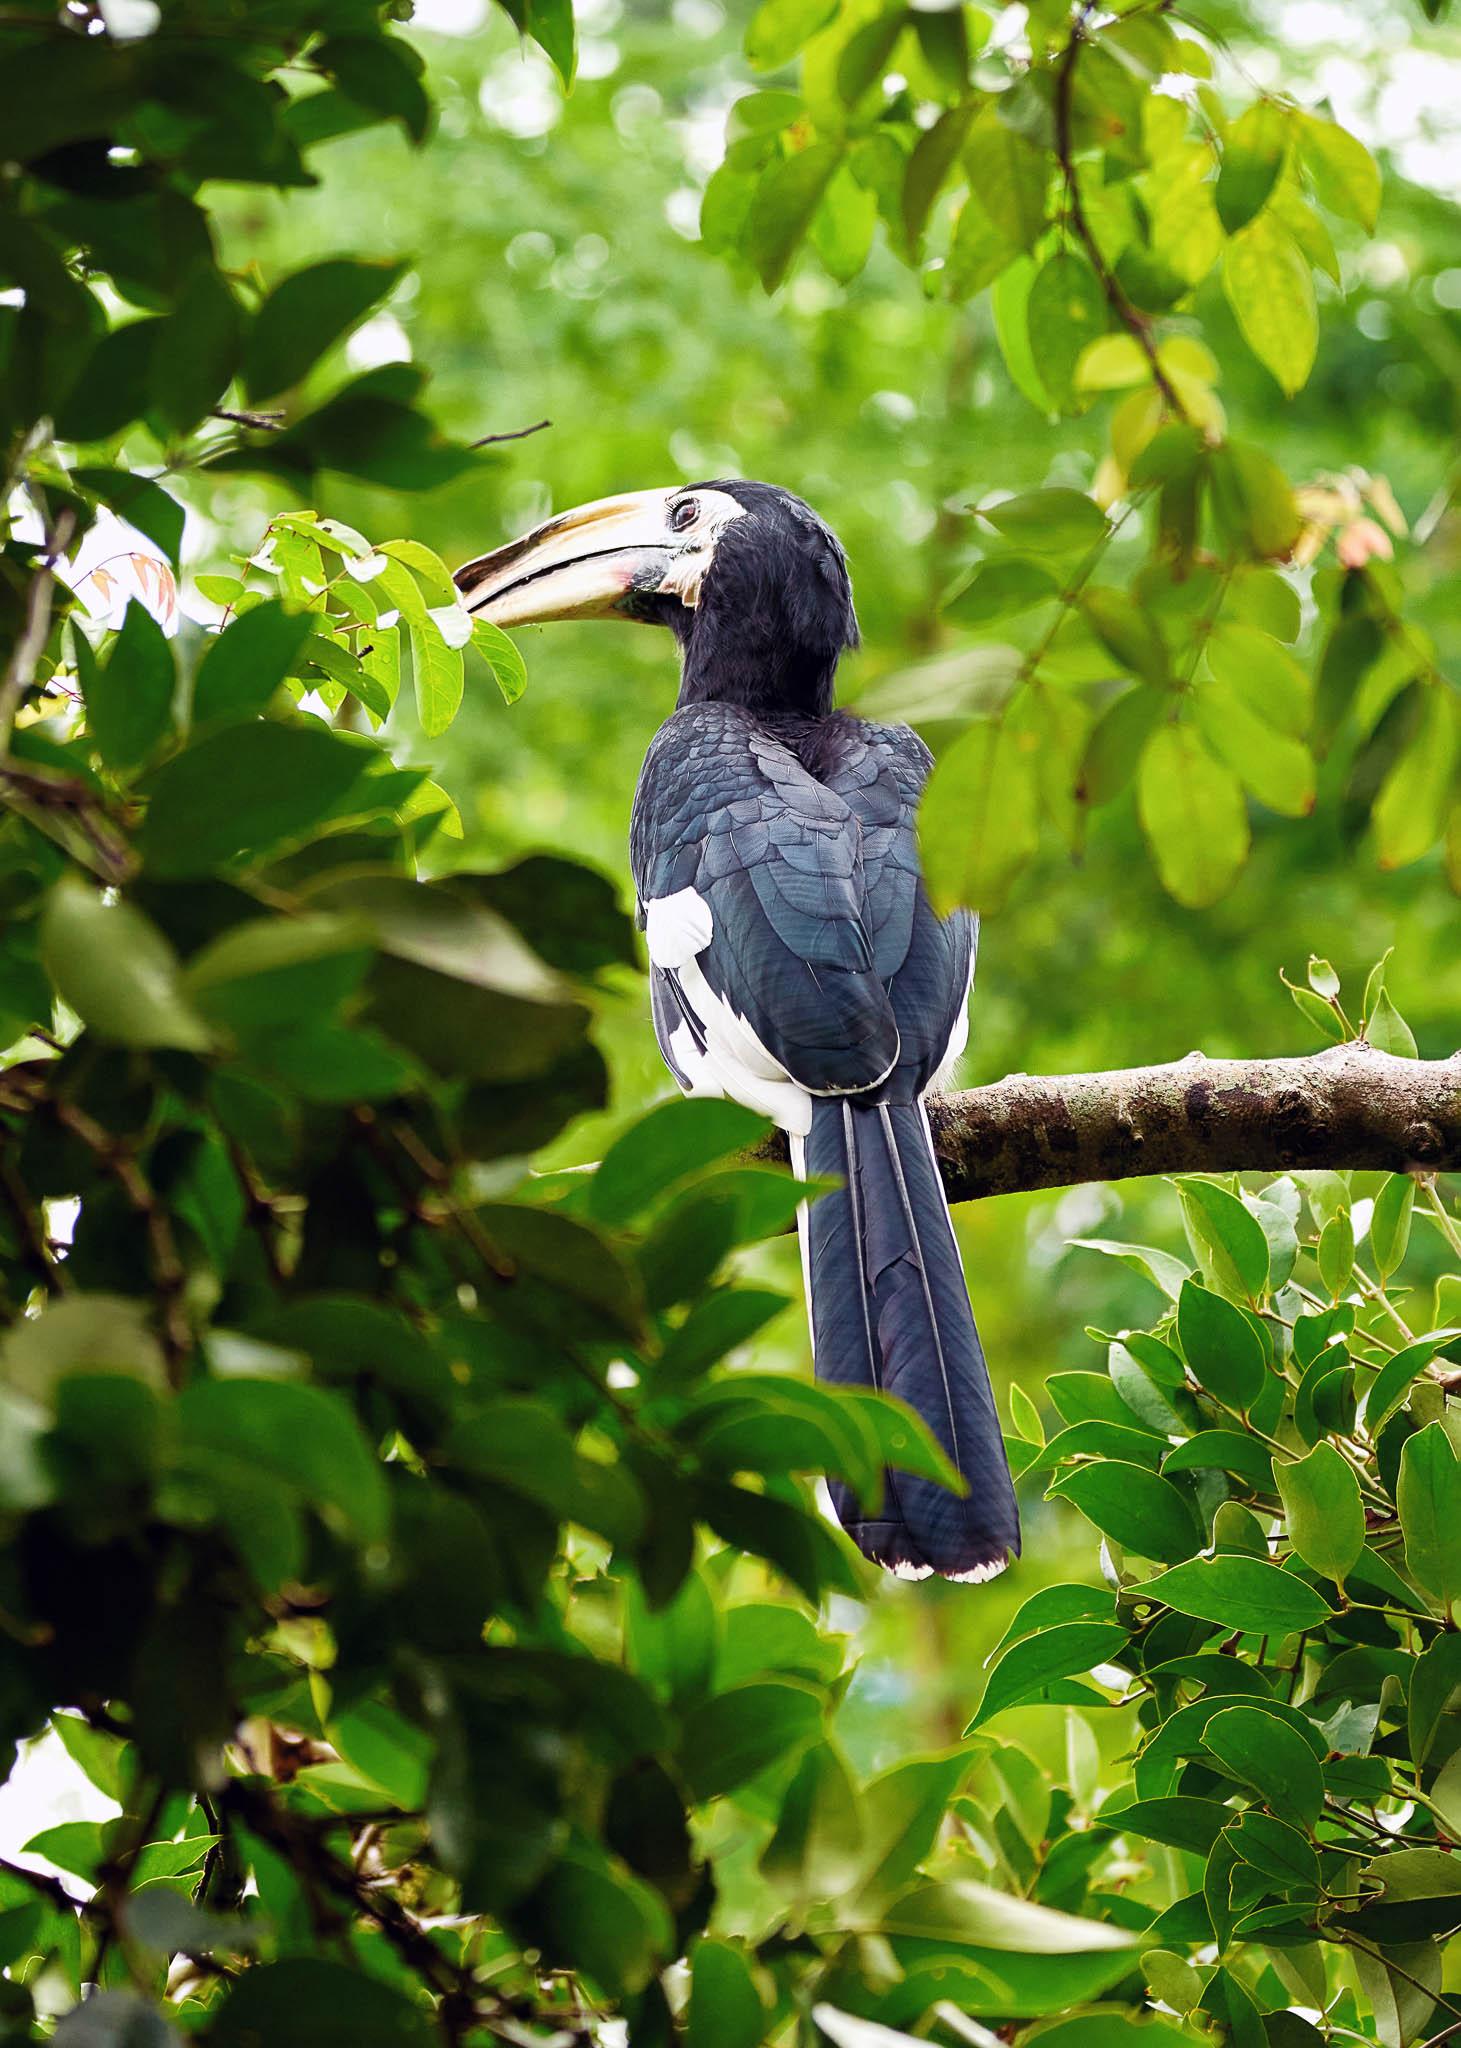 A Oriental pied-hornbill bird at Pulau Ubin, Singapore